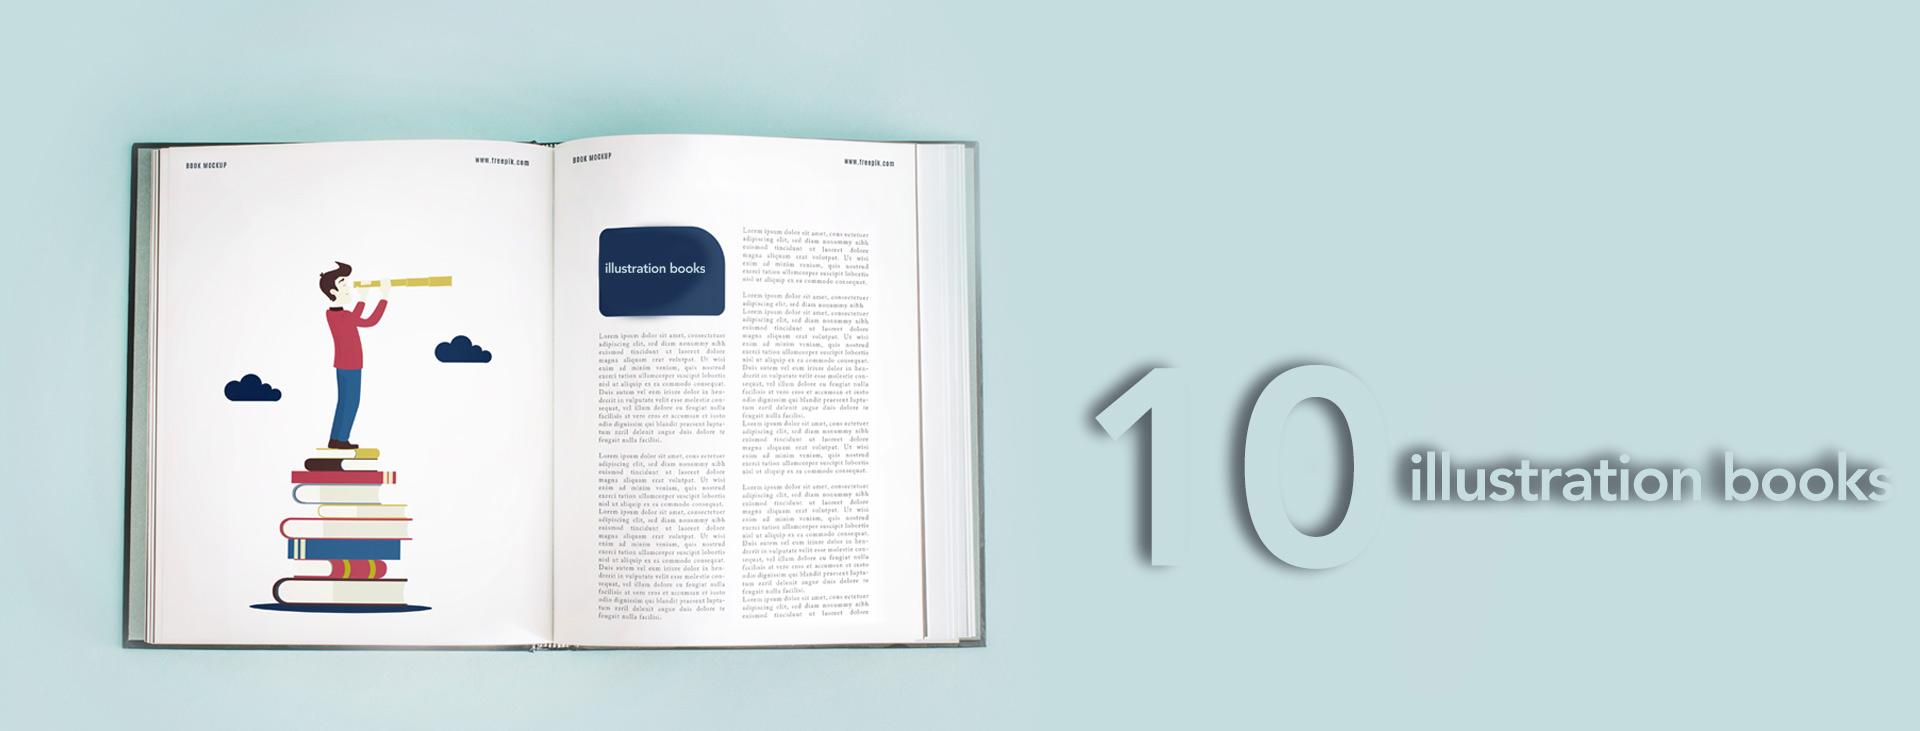 10 illustration books 01 - کتاب آموزش تصویرسازی